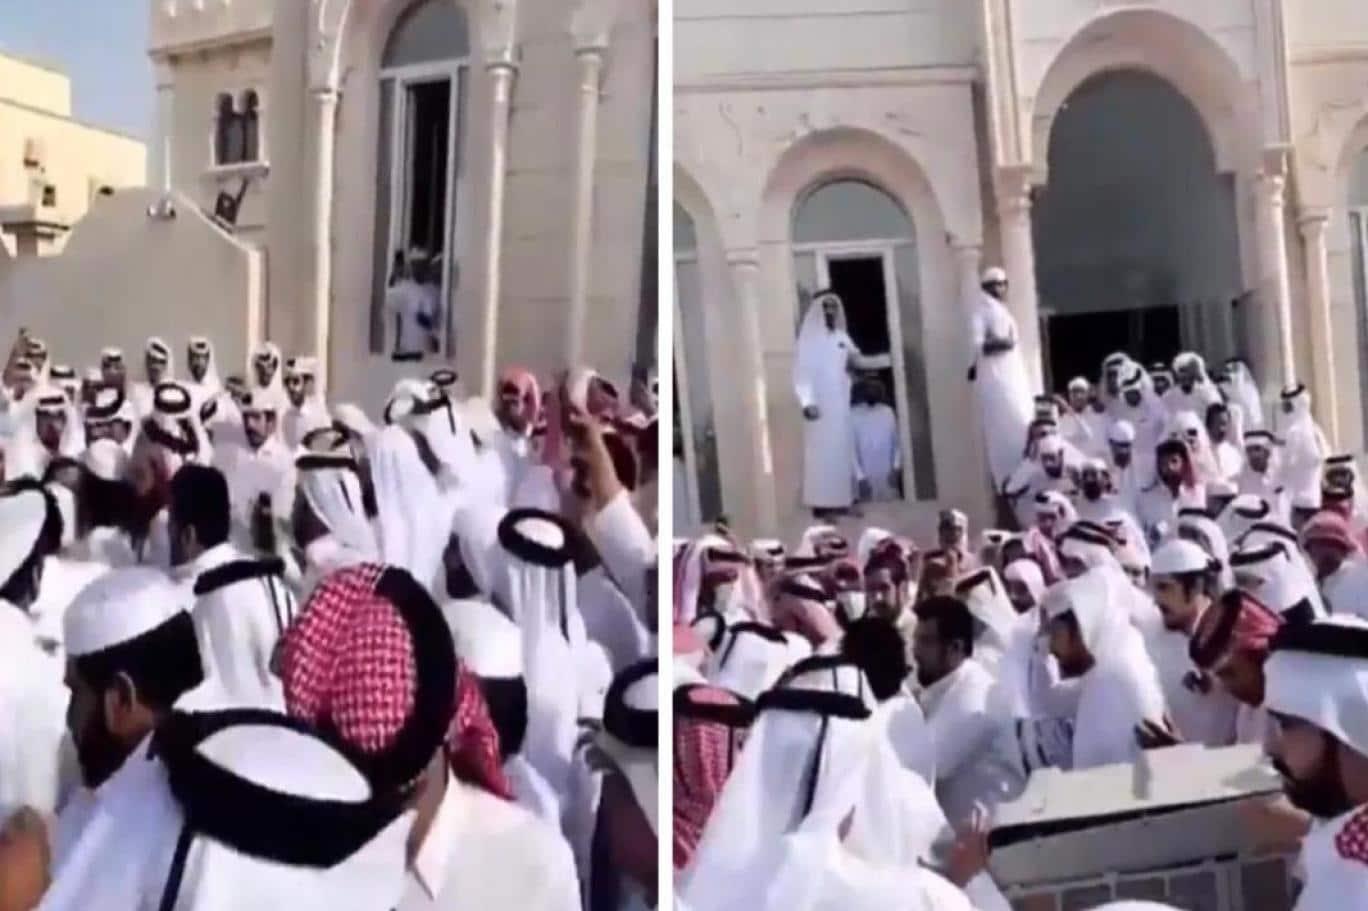 المرصد الأورومتوسطي ينتقد قطر لإحالتها 7 مواطنين اعترضوا على قانون الانتخاب للنيابة